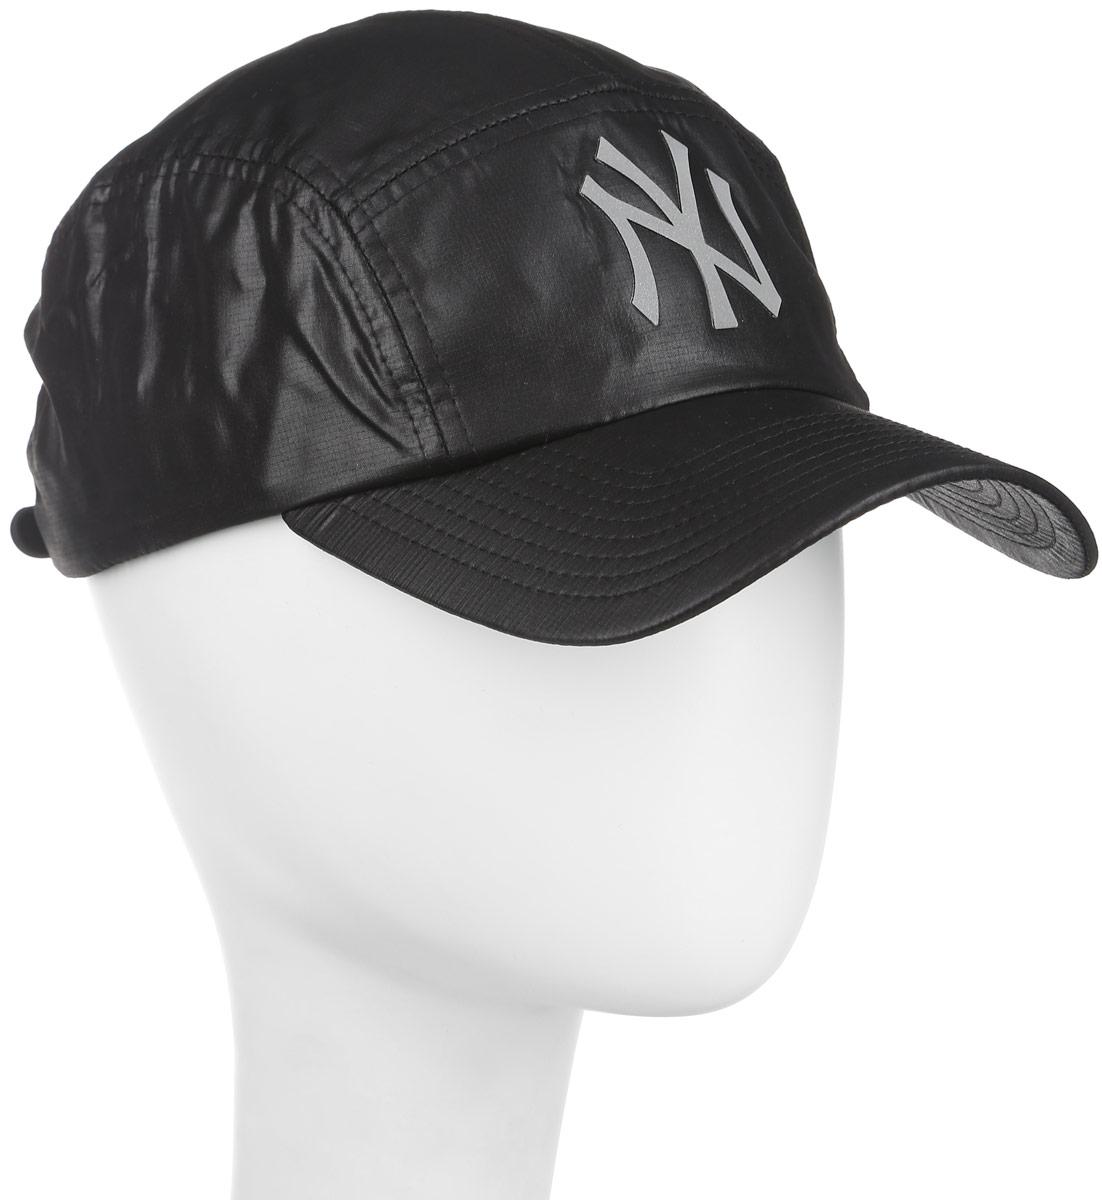 Бейсболка New Era Rip Run, цвет: черный. 11210211-BLK. Размер универсальный11210211-BLKСтильная бейсболка New Era Forty Flecked Trucker, выполненная из высококачественного материала, идеально подойдет для прогулок, занятий спортом и отдыха. Изделие оформлено логотипом знаменитой бейсбольной команды New York Yankees и логотипом бренда New Era.Бейсболка надежно защитит вас от солнца и ветра. Объем бейсболки регулируется липучкой.Ничто не говорит о настоящем любителе путешествий больше, чем любимая кепка. Эта модель станет отличным аксессуаром и дополнит ваш повседневный образ.